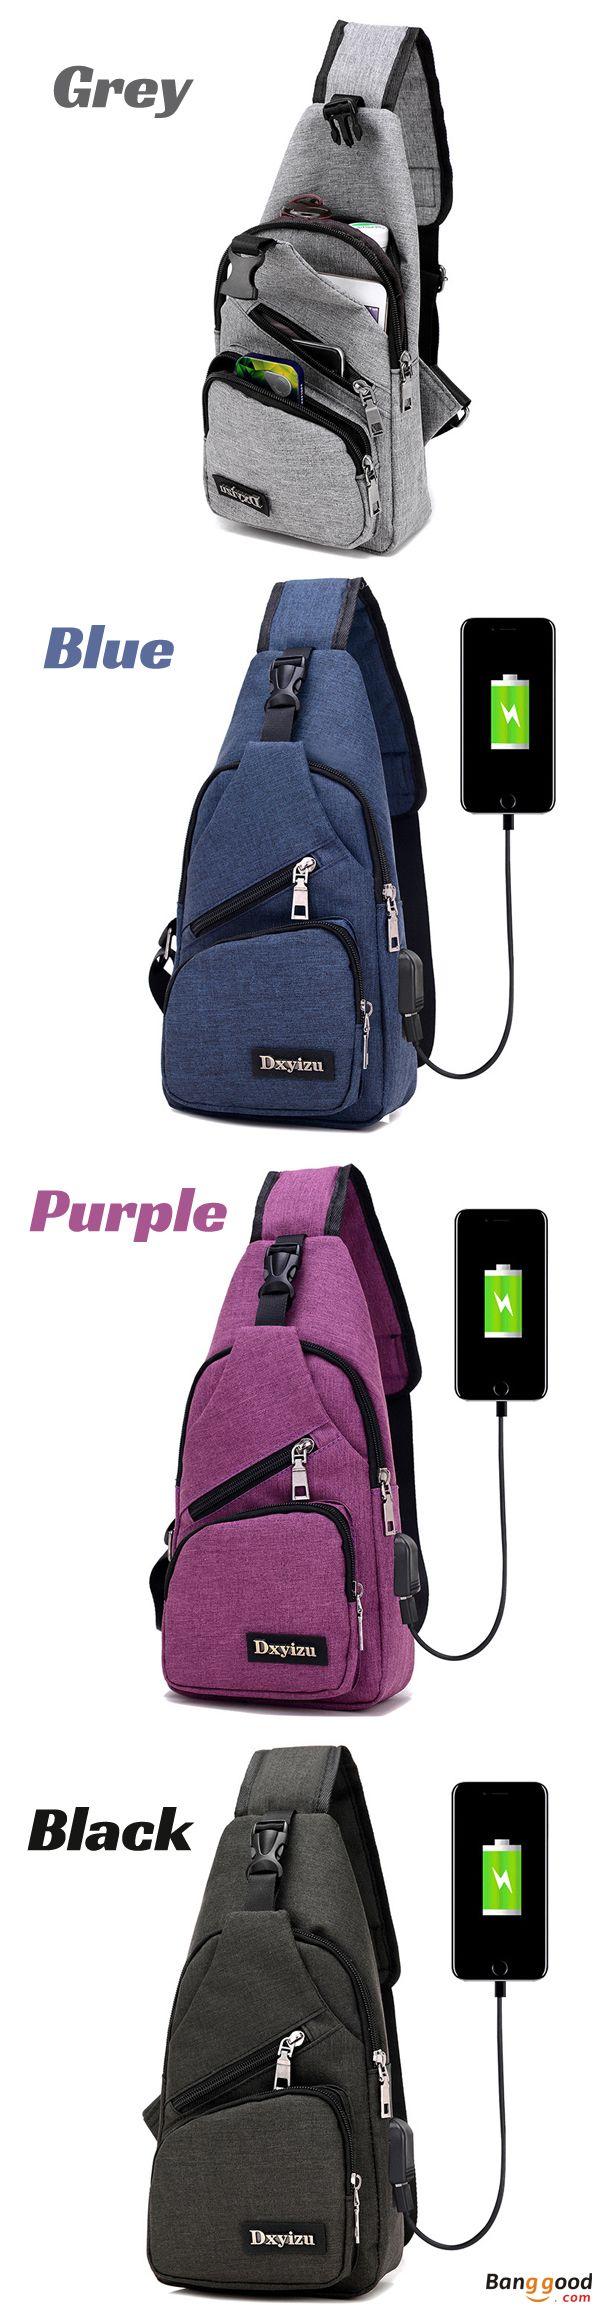 US$18.99 ~ 21.99 + Free shipping. Men Bag, Dacron Bag, Shoulder Bag, Chest Bag, Hiking Bag, USB Bag, Bag with USB Port. Color: Black, Blue, Grey, Violet. Material: Dacron. High Quality yet Low Price.